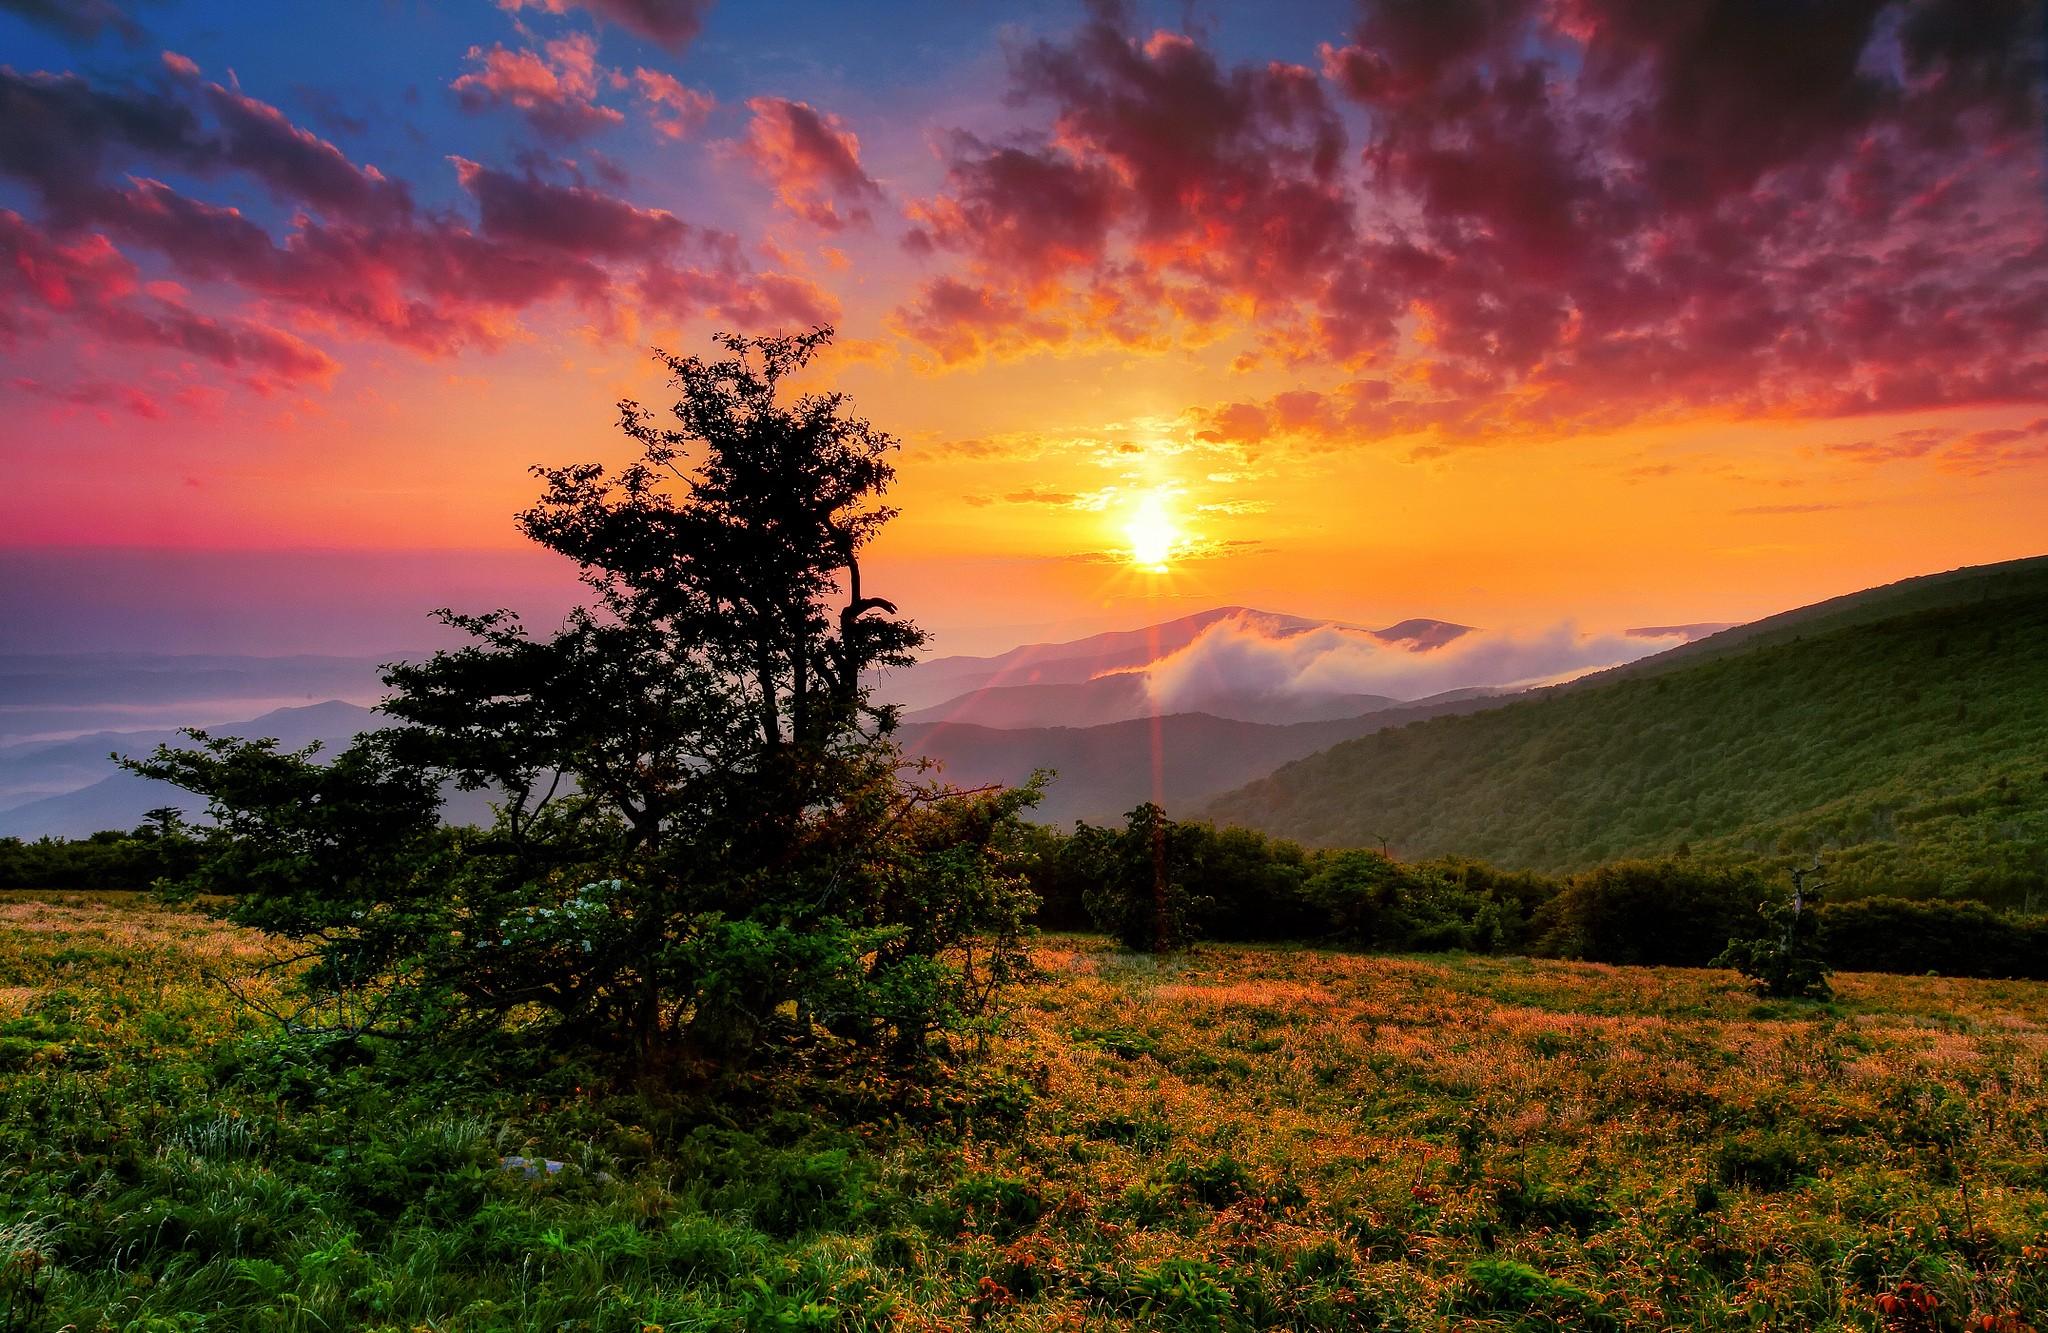 картинка пейзаж солнце сапфиры это